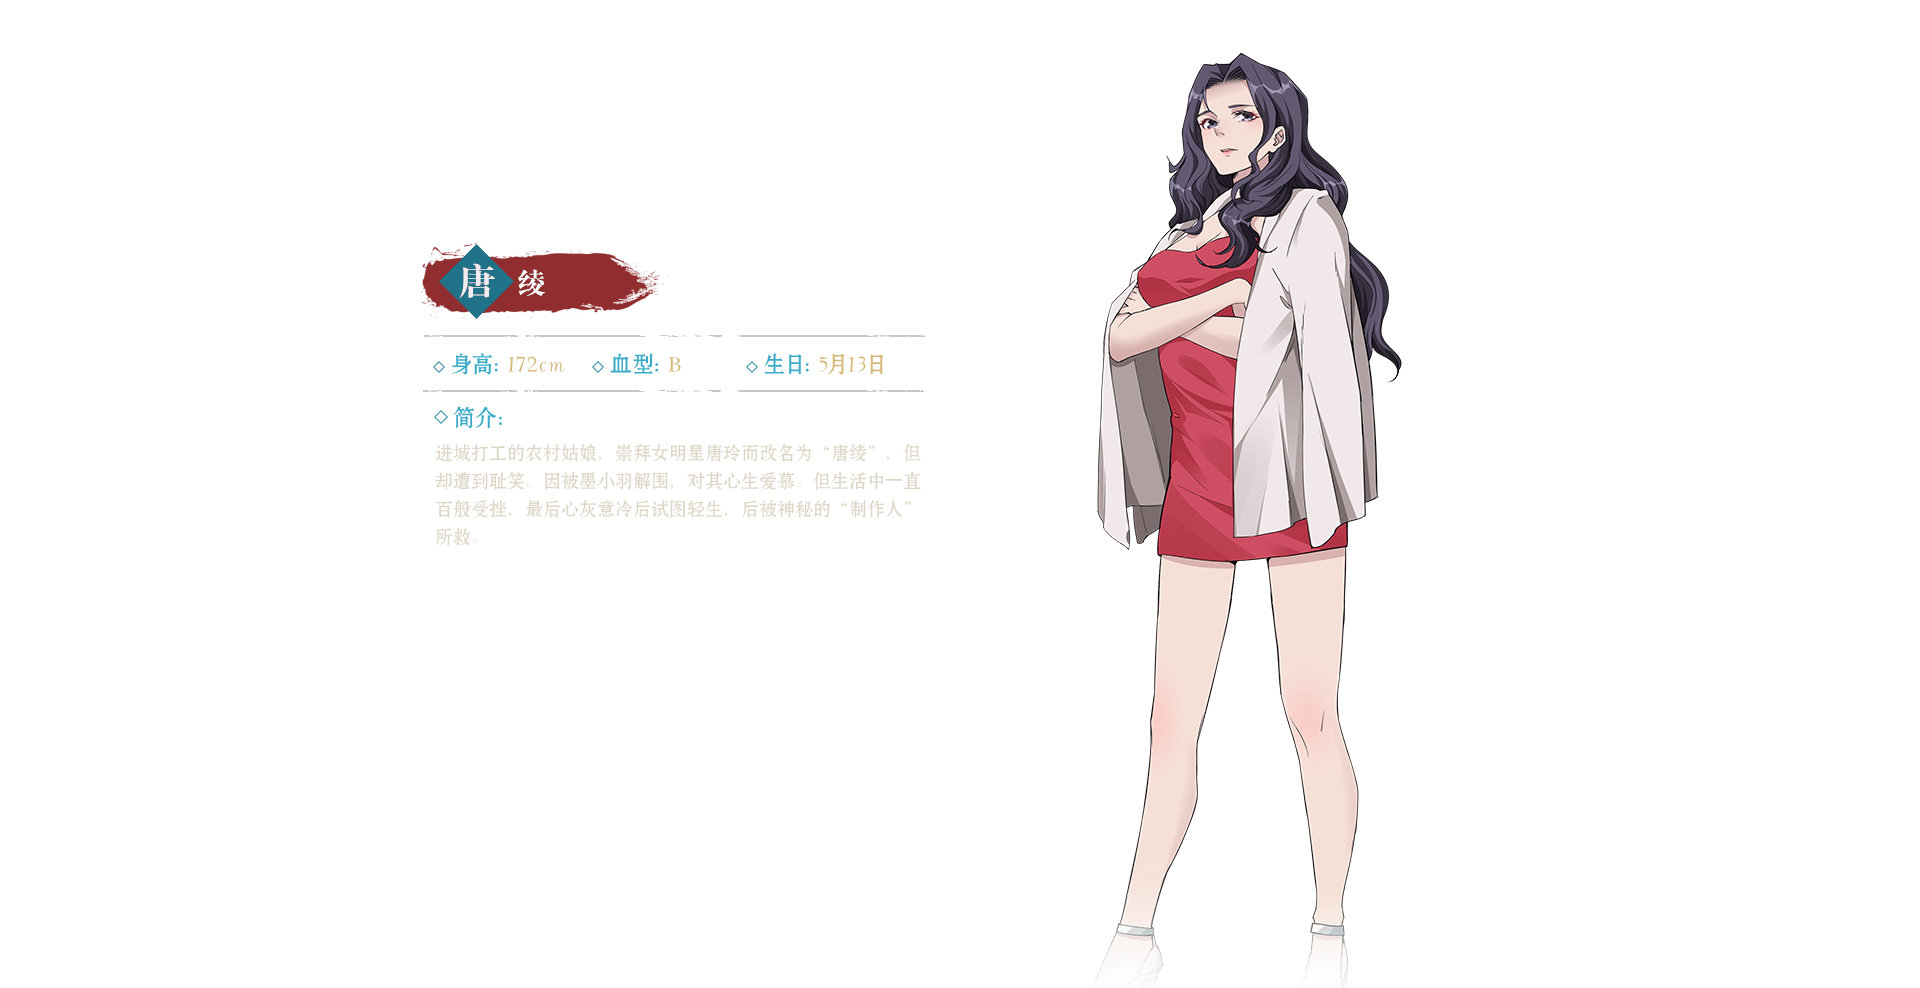 秦侠动画人物剧情设定介绍